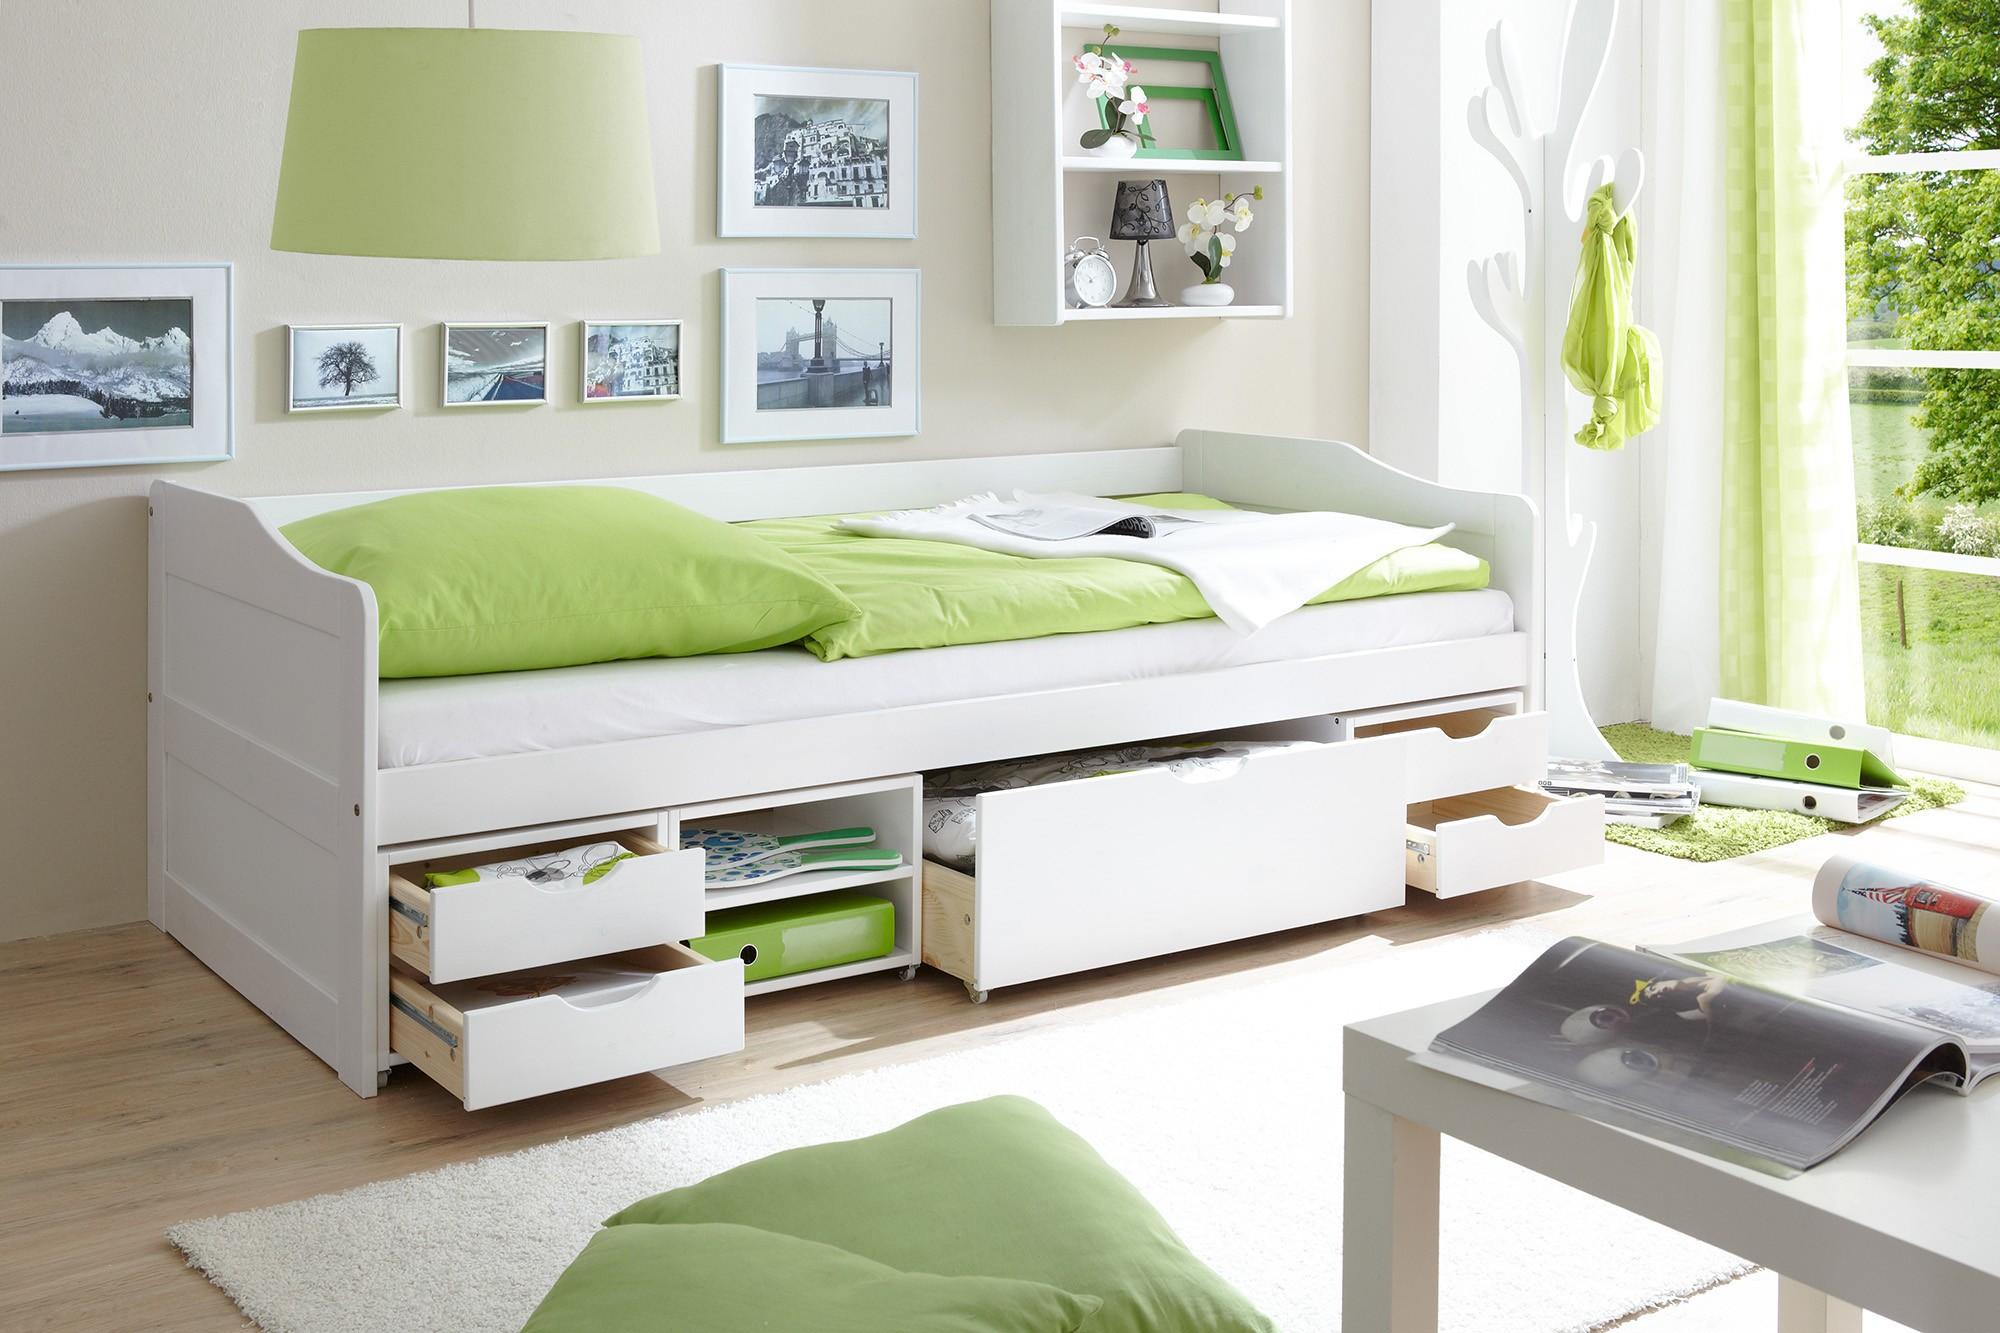 sofabett mit 4 schubk sten kiefer weiss h c m bel. Black Bedroom Furniture Sets. Home Design Ideas